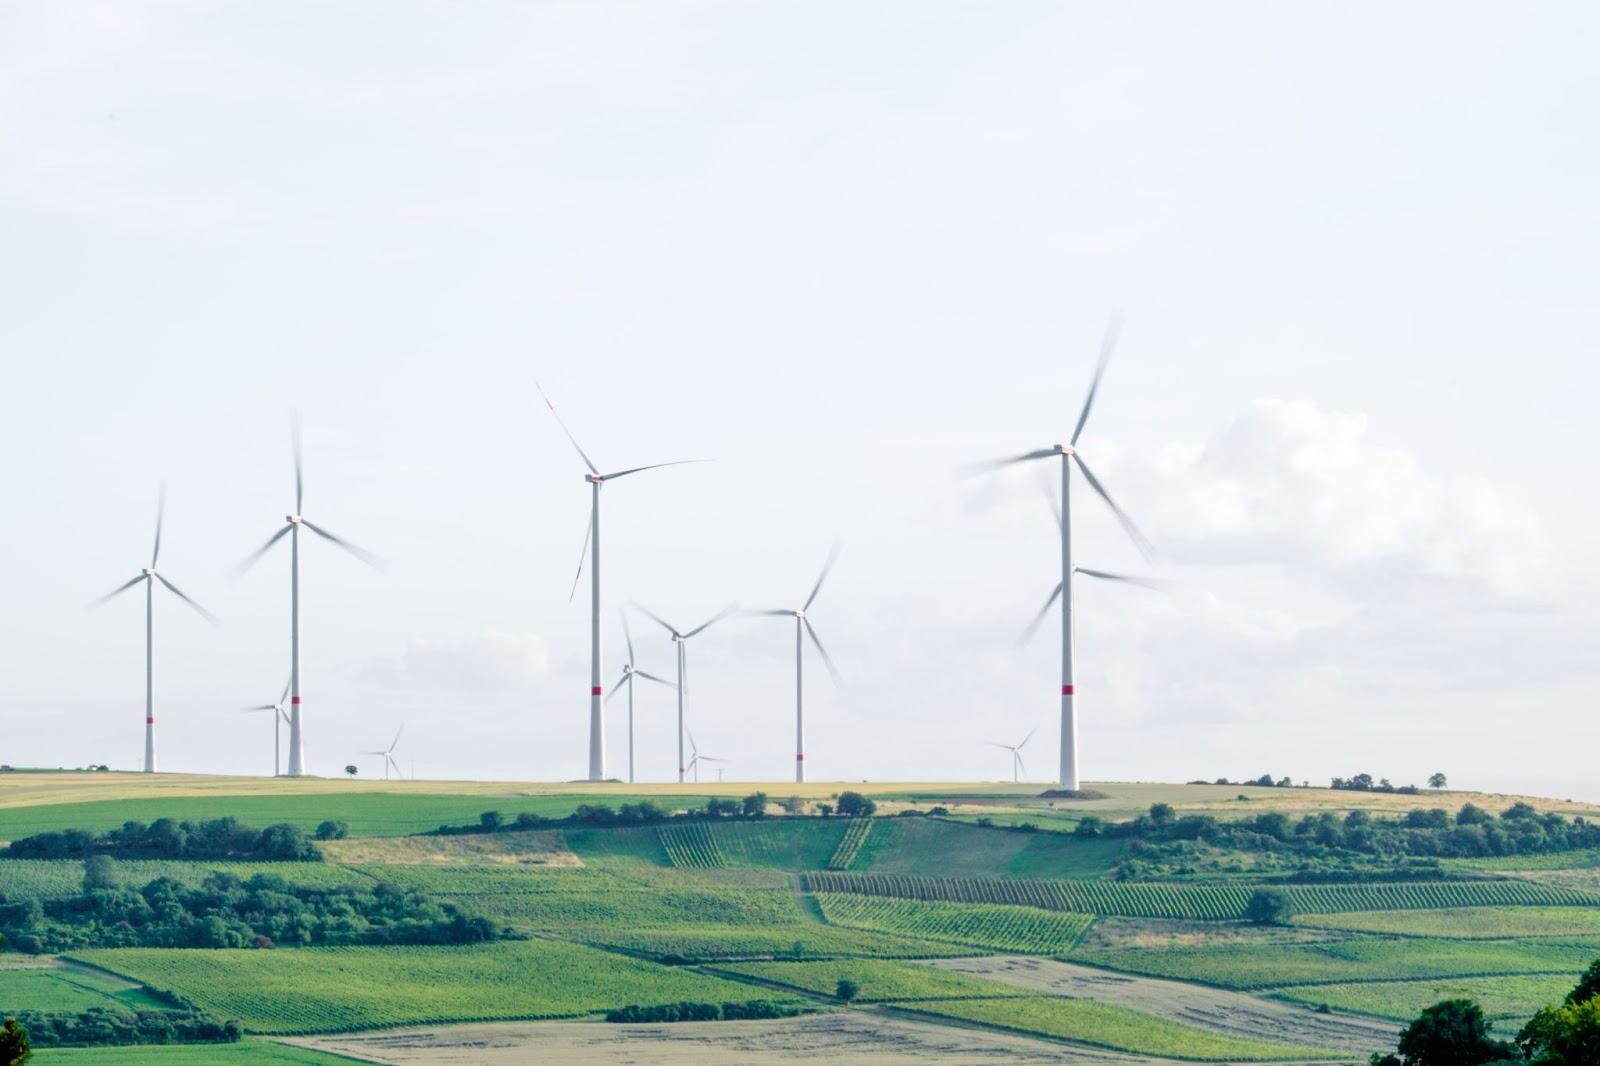 Champs à perte de vue avec éoliennes qui se dressent dans le ciel produisant de l'énergie renouvelable.